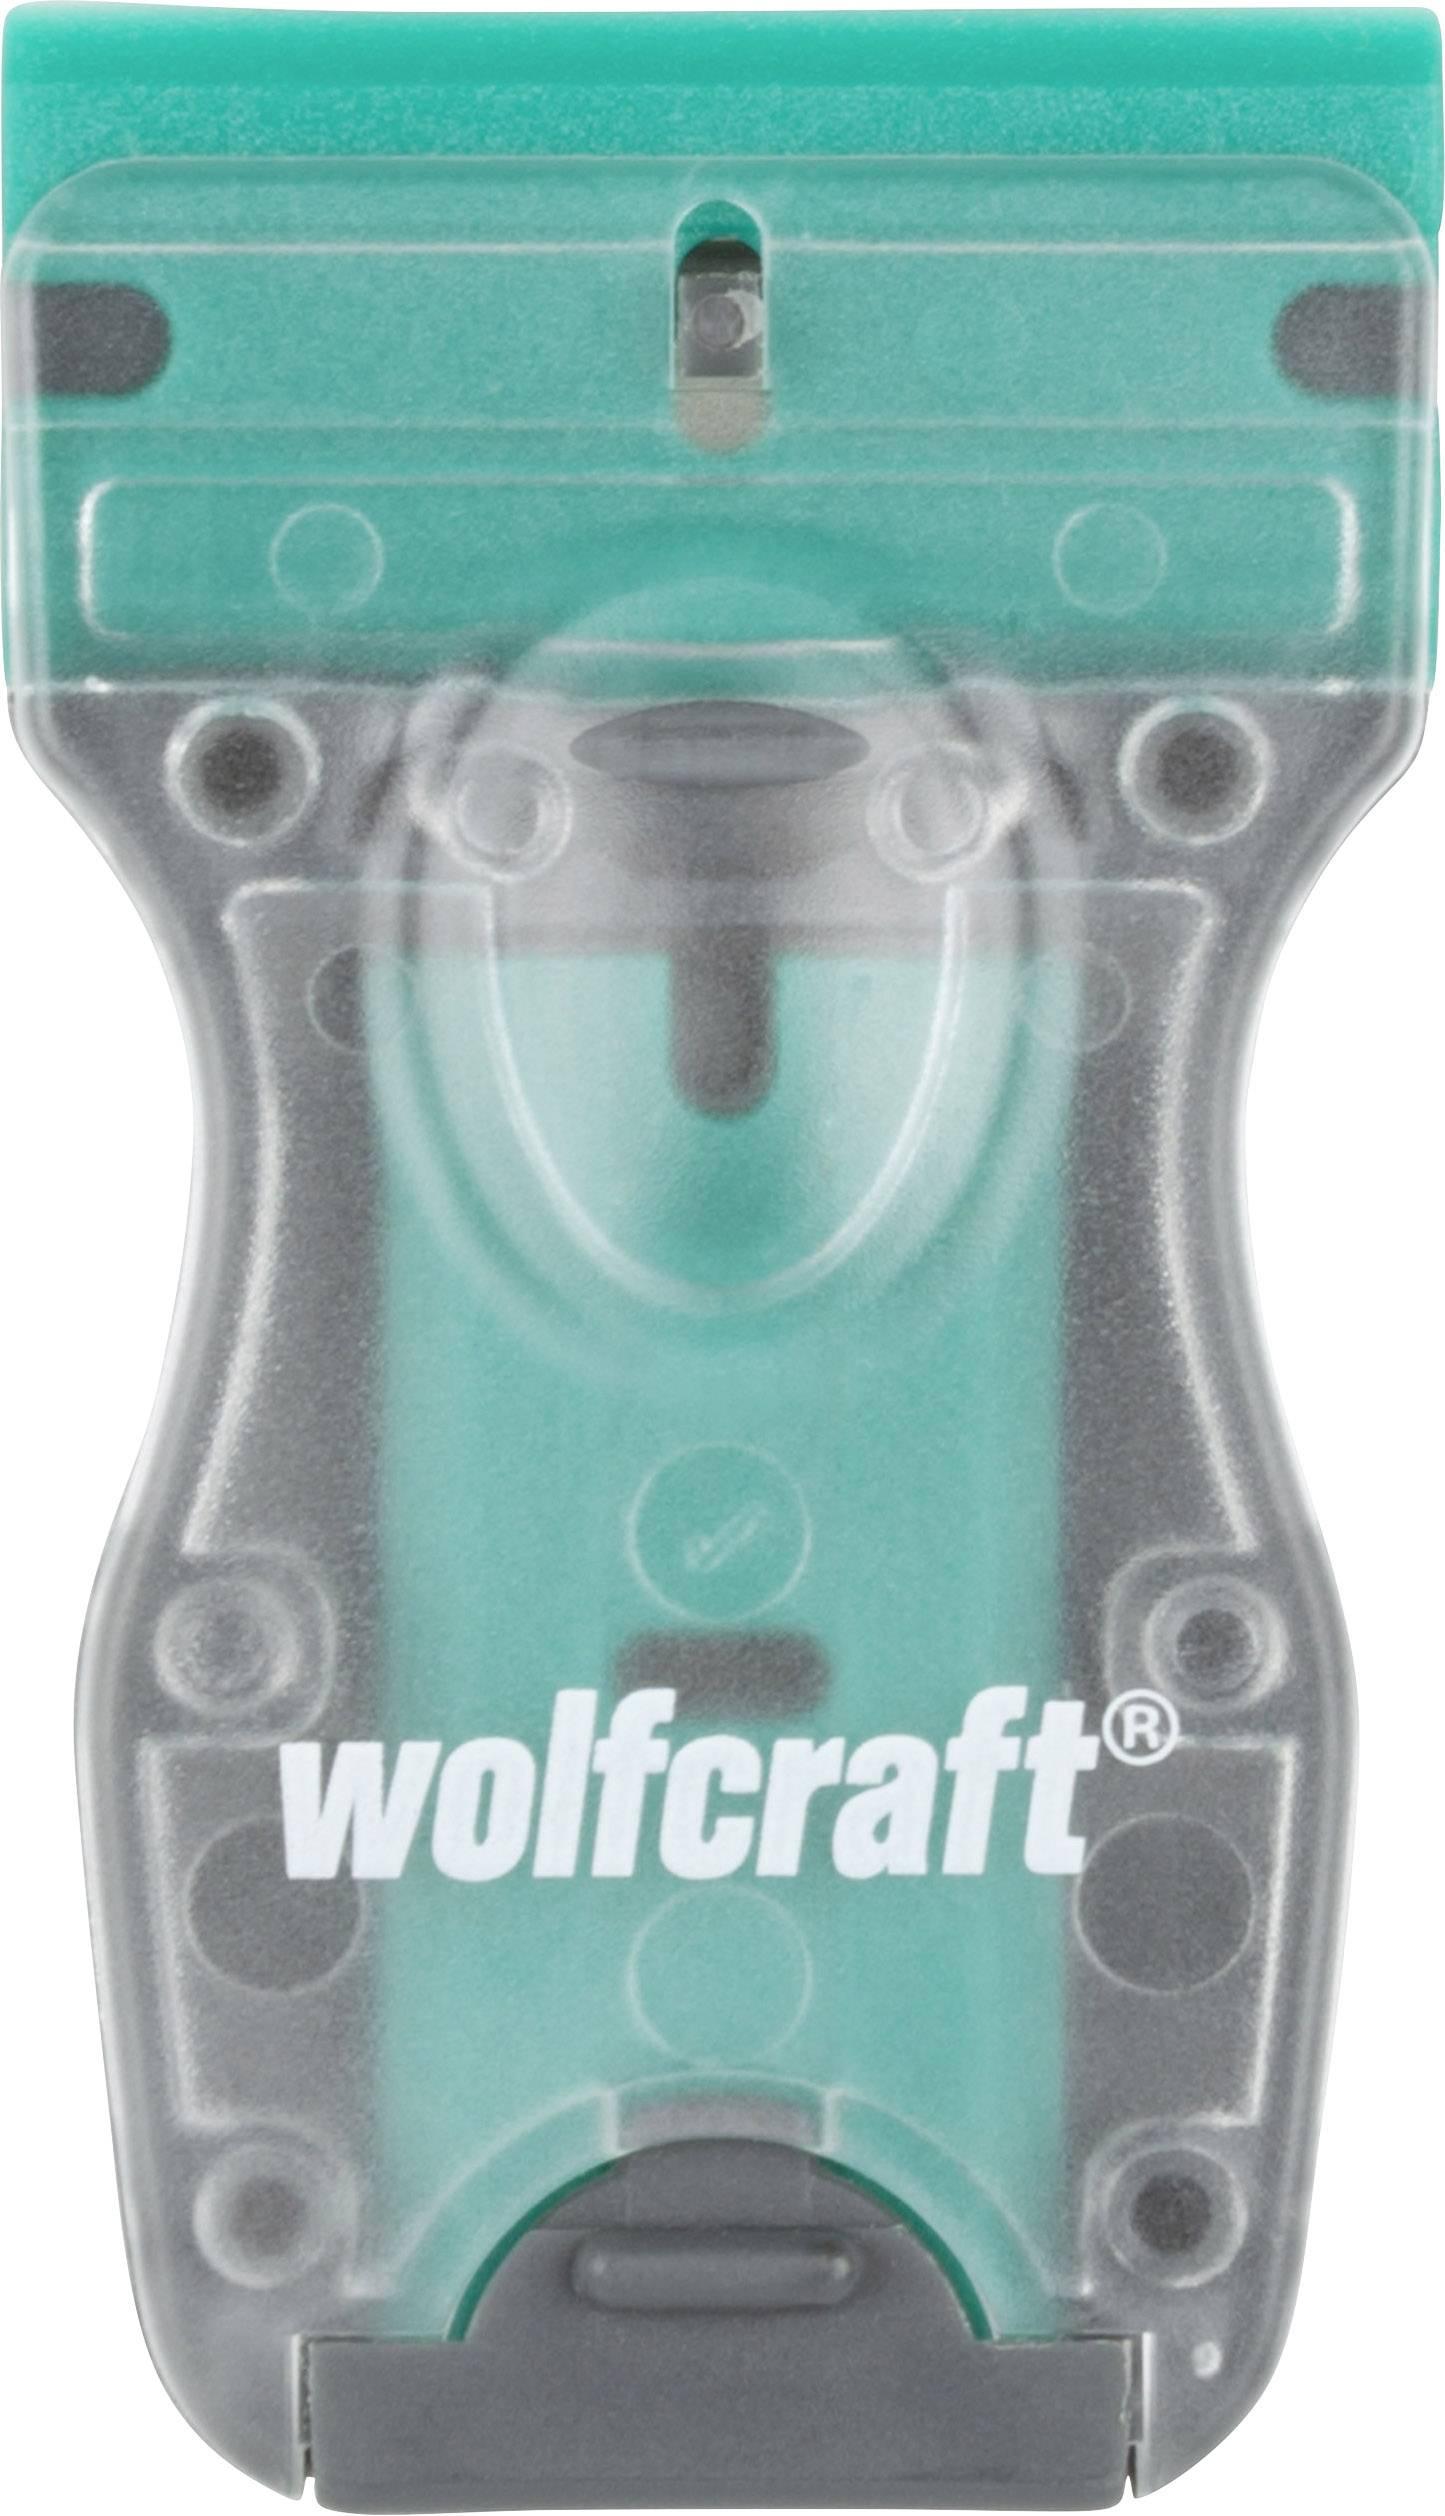 Set de 10 Piezas Perforadas Wolfcraft 1767000 1767000-10 Tiras abrasivas con Adhesiva corind/ón Grano 80